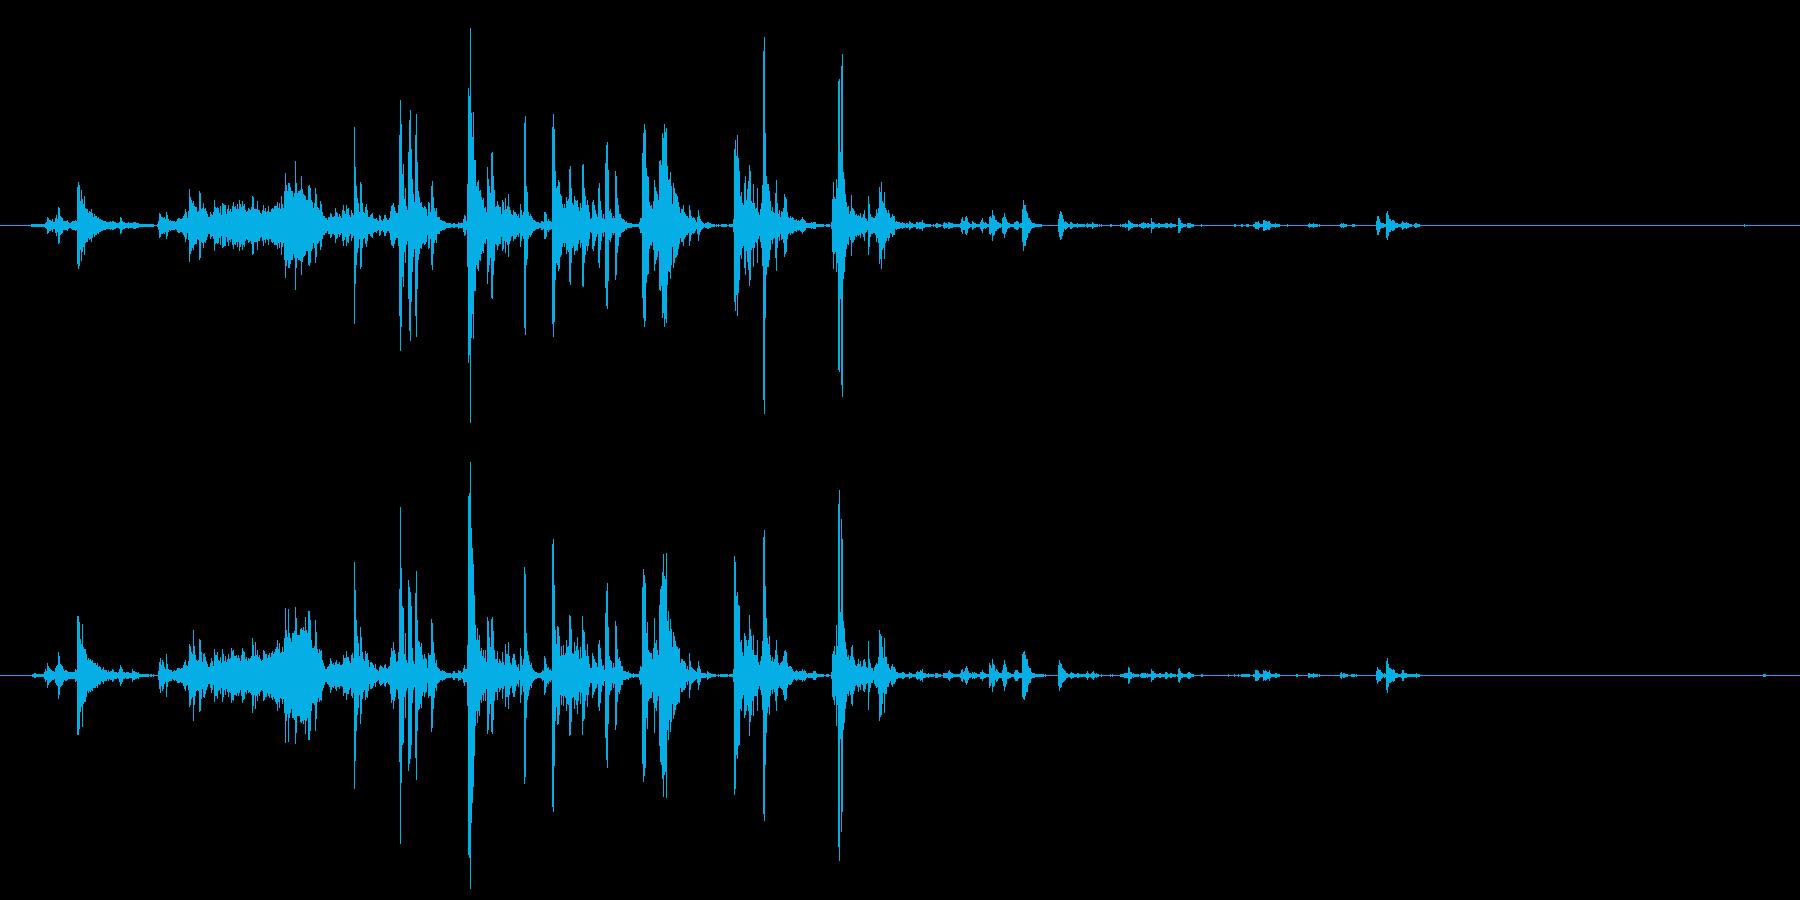 飲み物を注ぐ音01の再生済みの波形